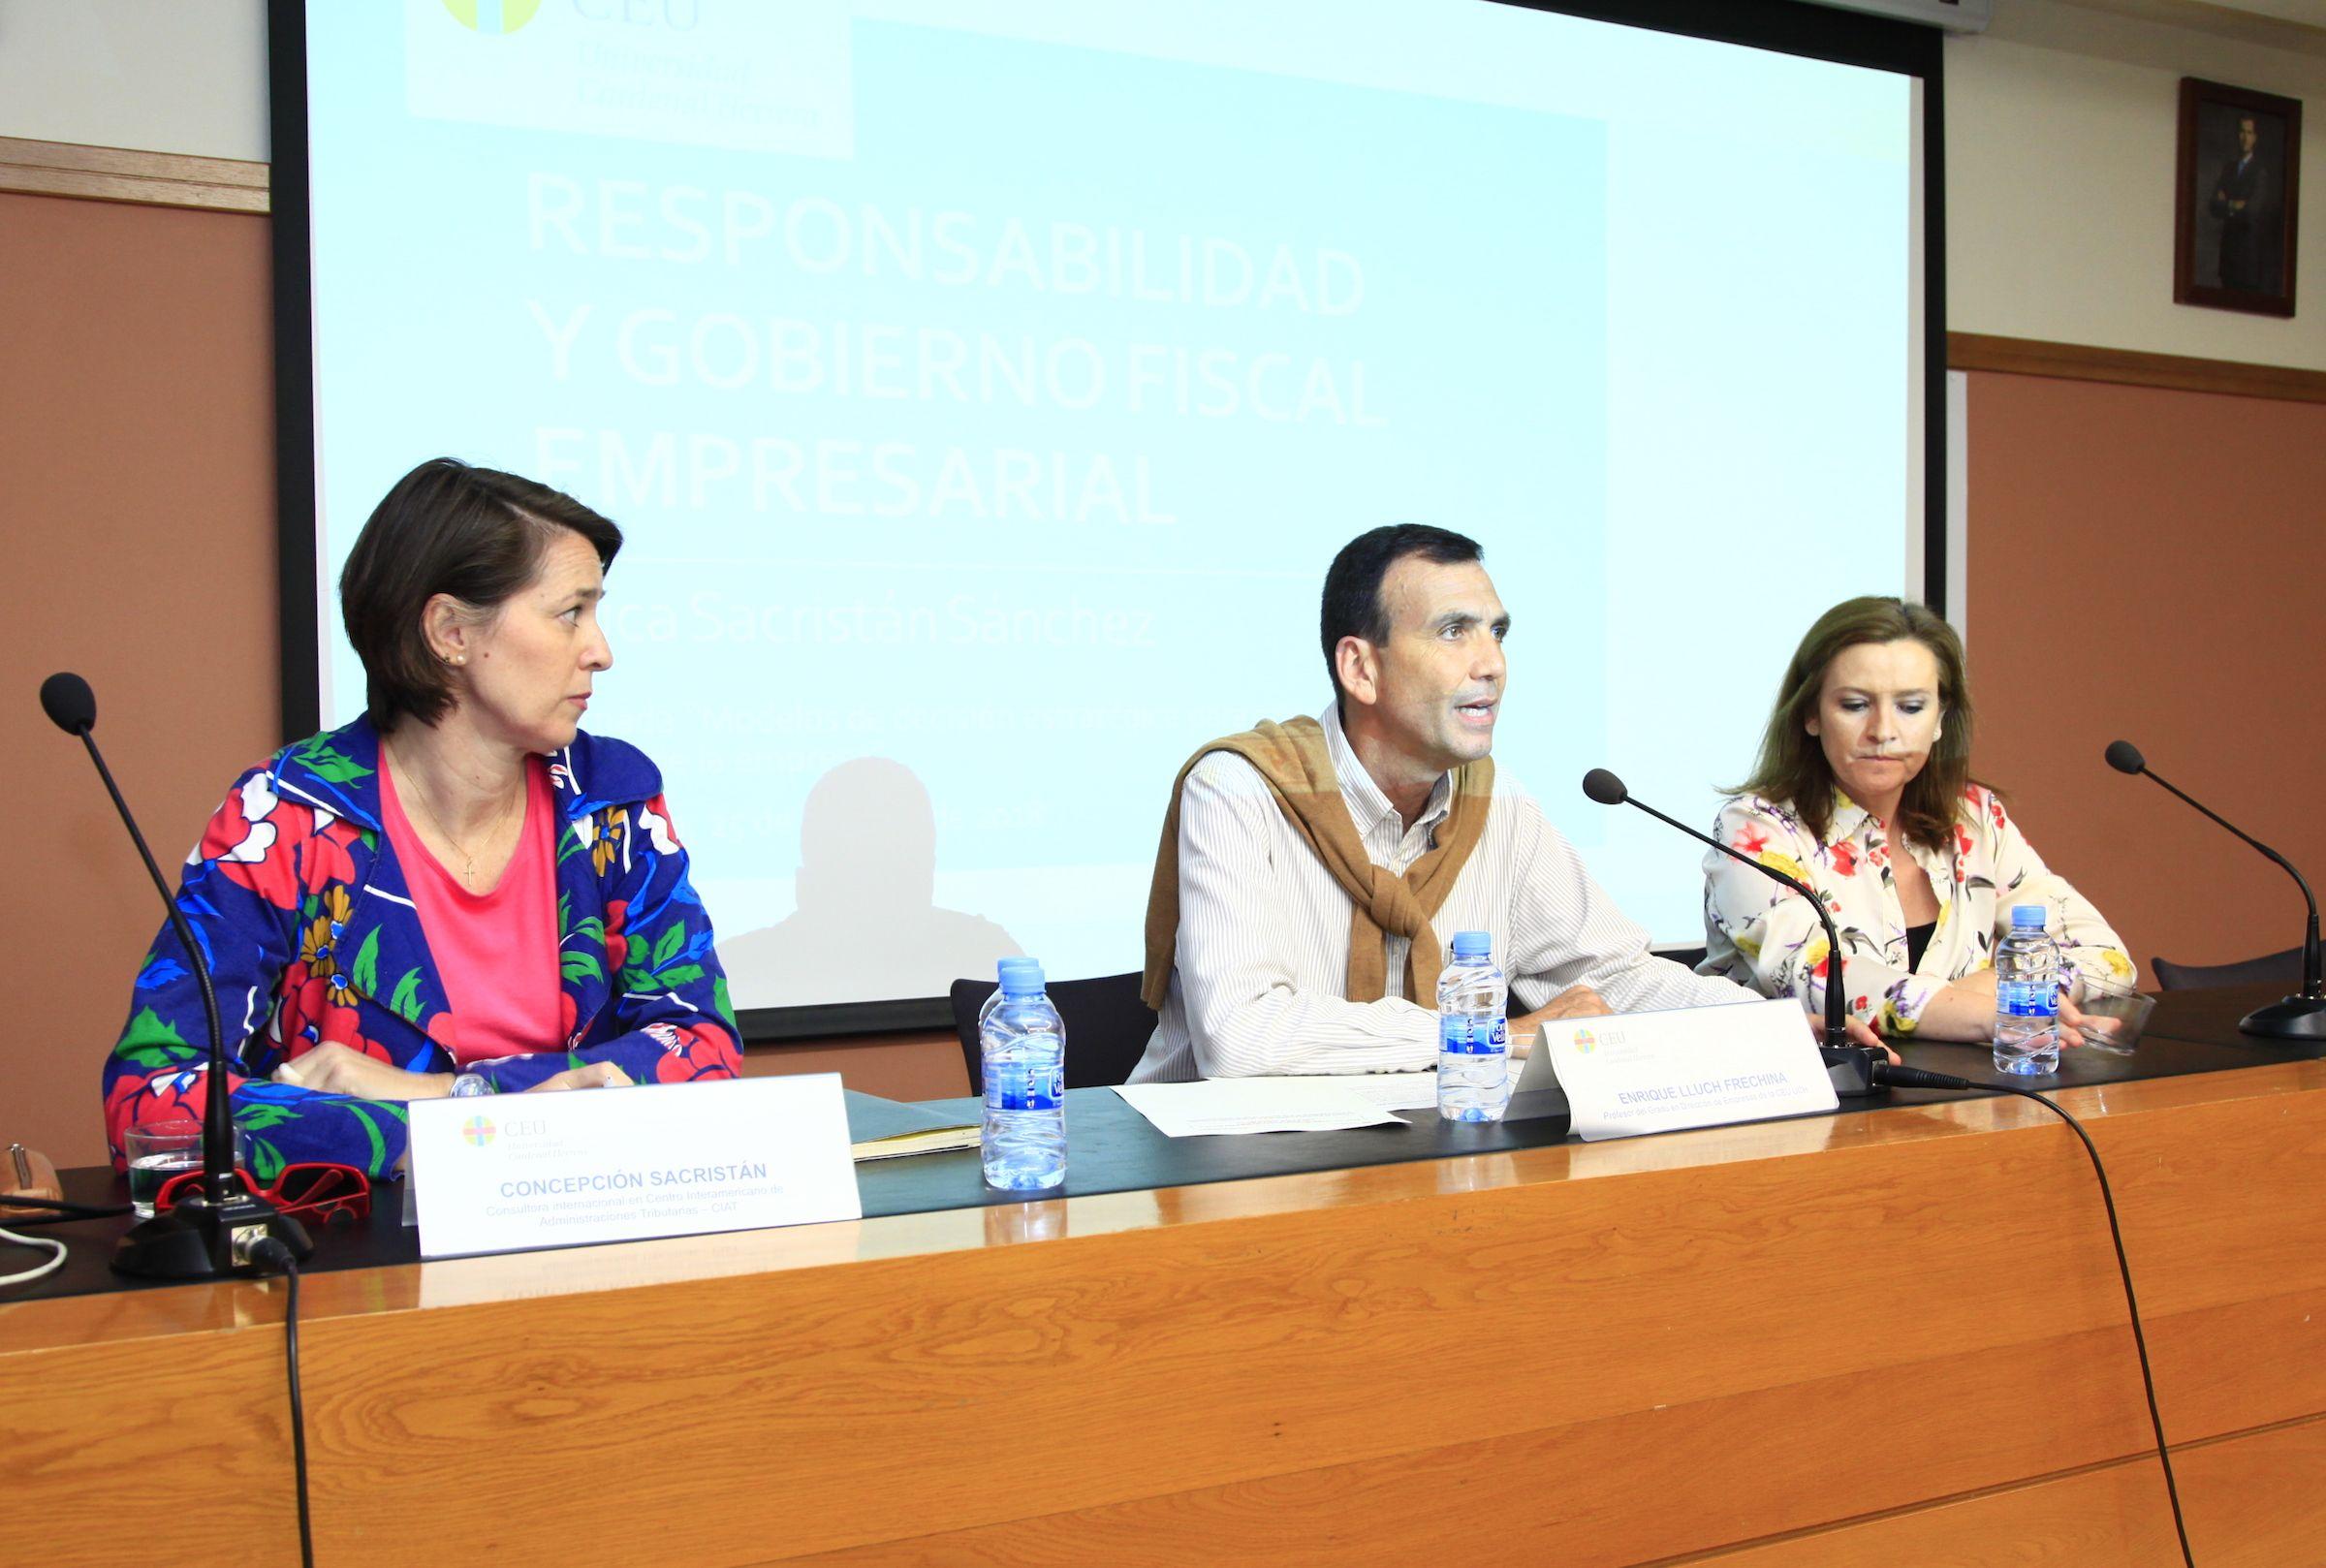 Concepción Sacristán, con los profesores Enrique Lluch y Elisa Marco, en la inauguración de la Jornada.